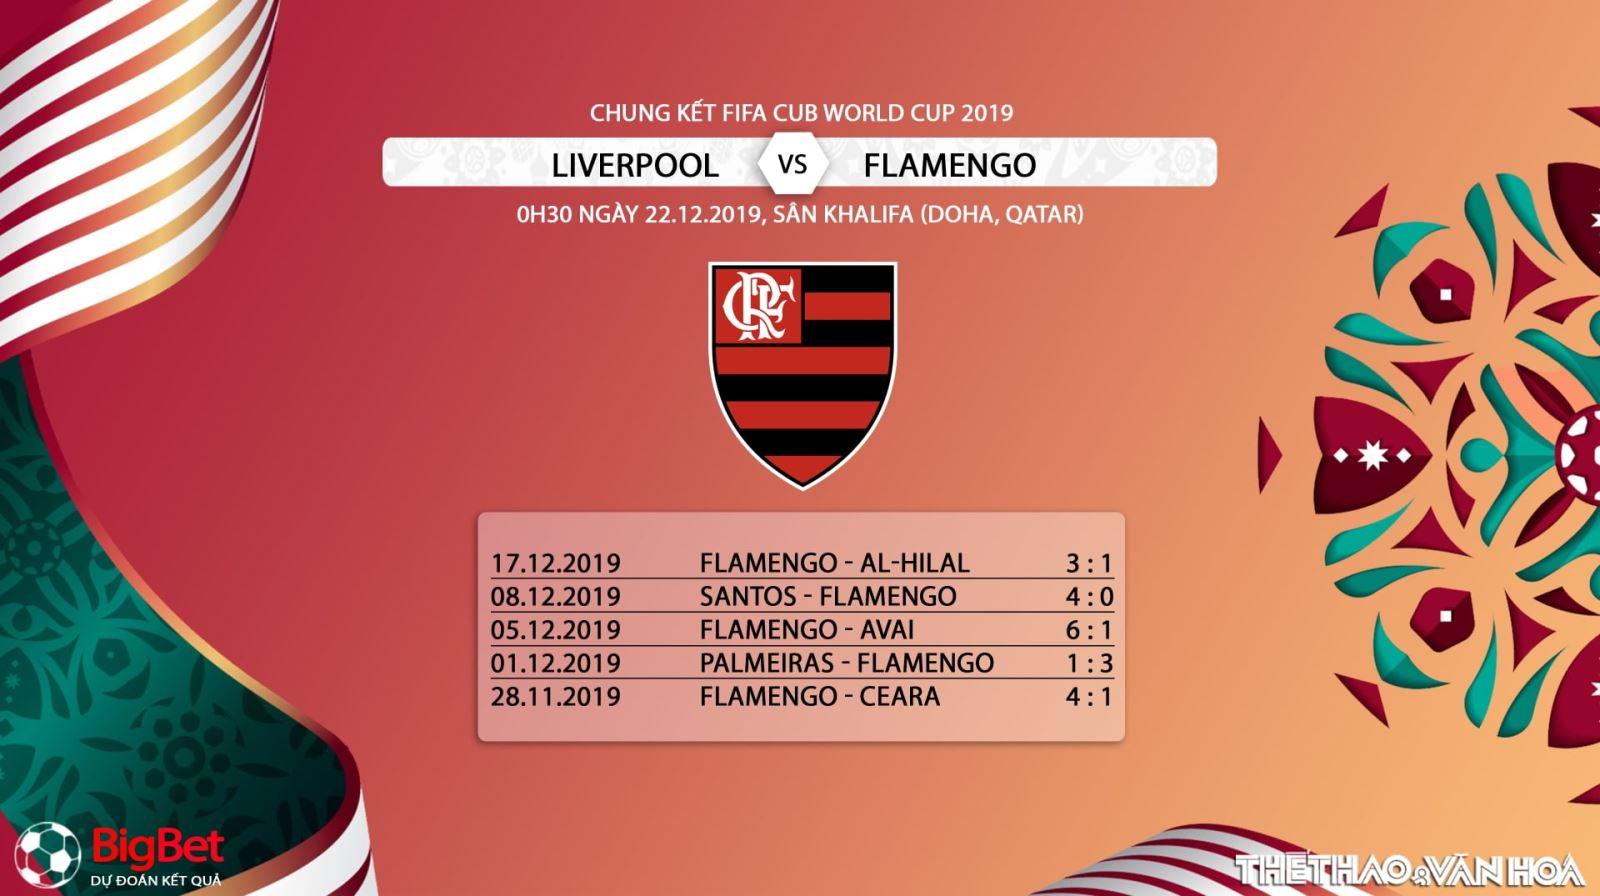 Liverpool vs Flamengo, soi kèo Liverpool vs Flamengo, trực tiếp Liverpool vs Flamengo, FIFA Club World Cup, Liverpool, Flamengo